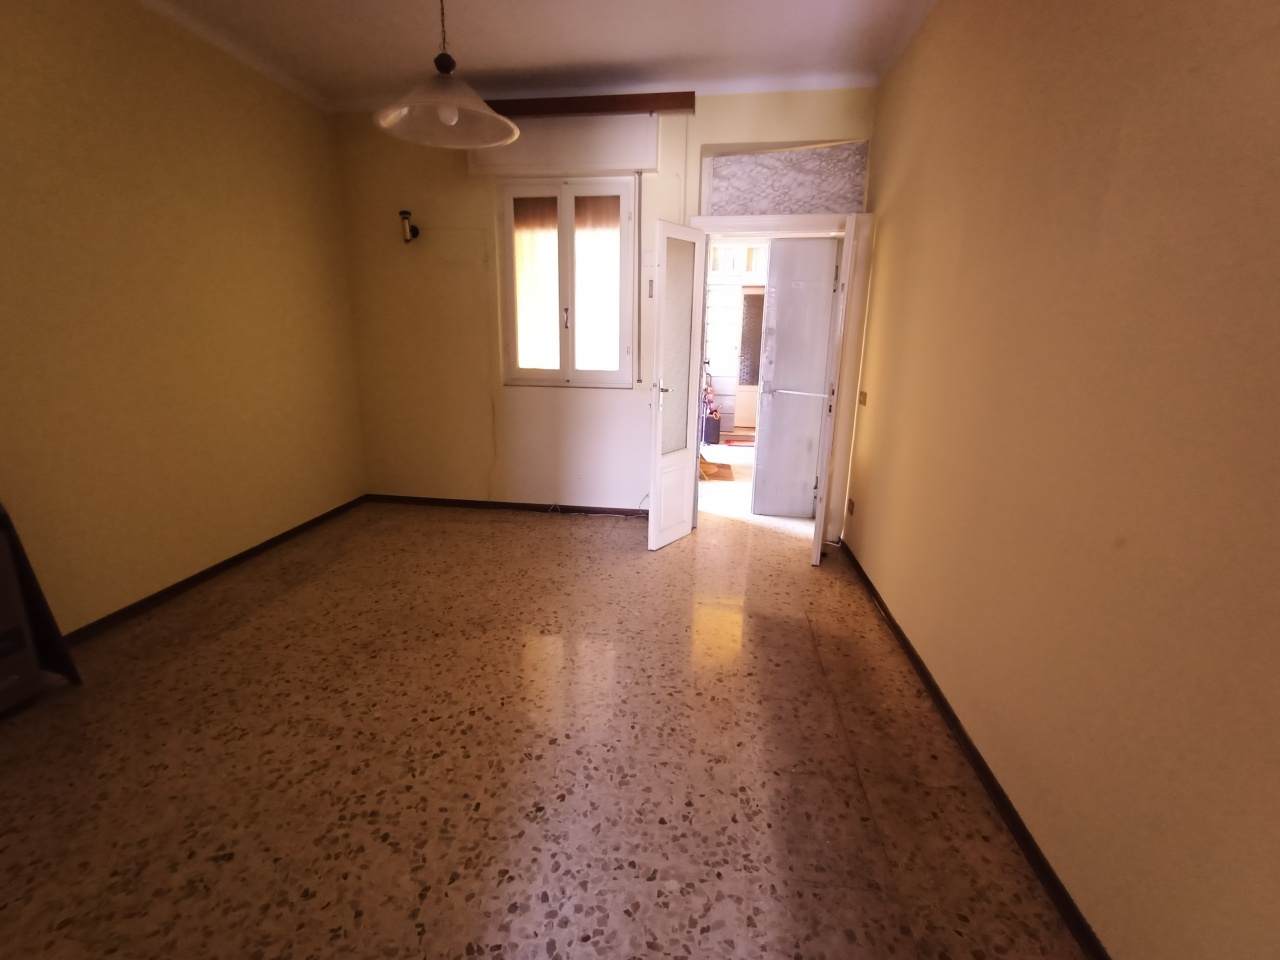 Appartamento in vendita a Vimodrone, 2 locali, prezzo € 125.000 | PortaleAgenzieImmobiliari.it